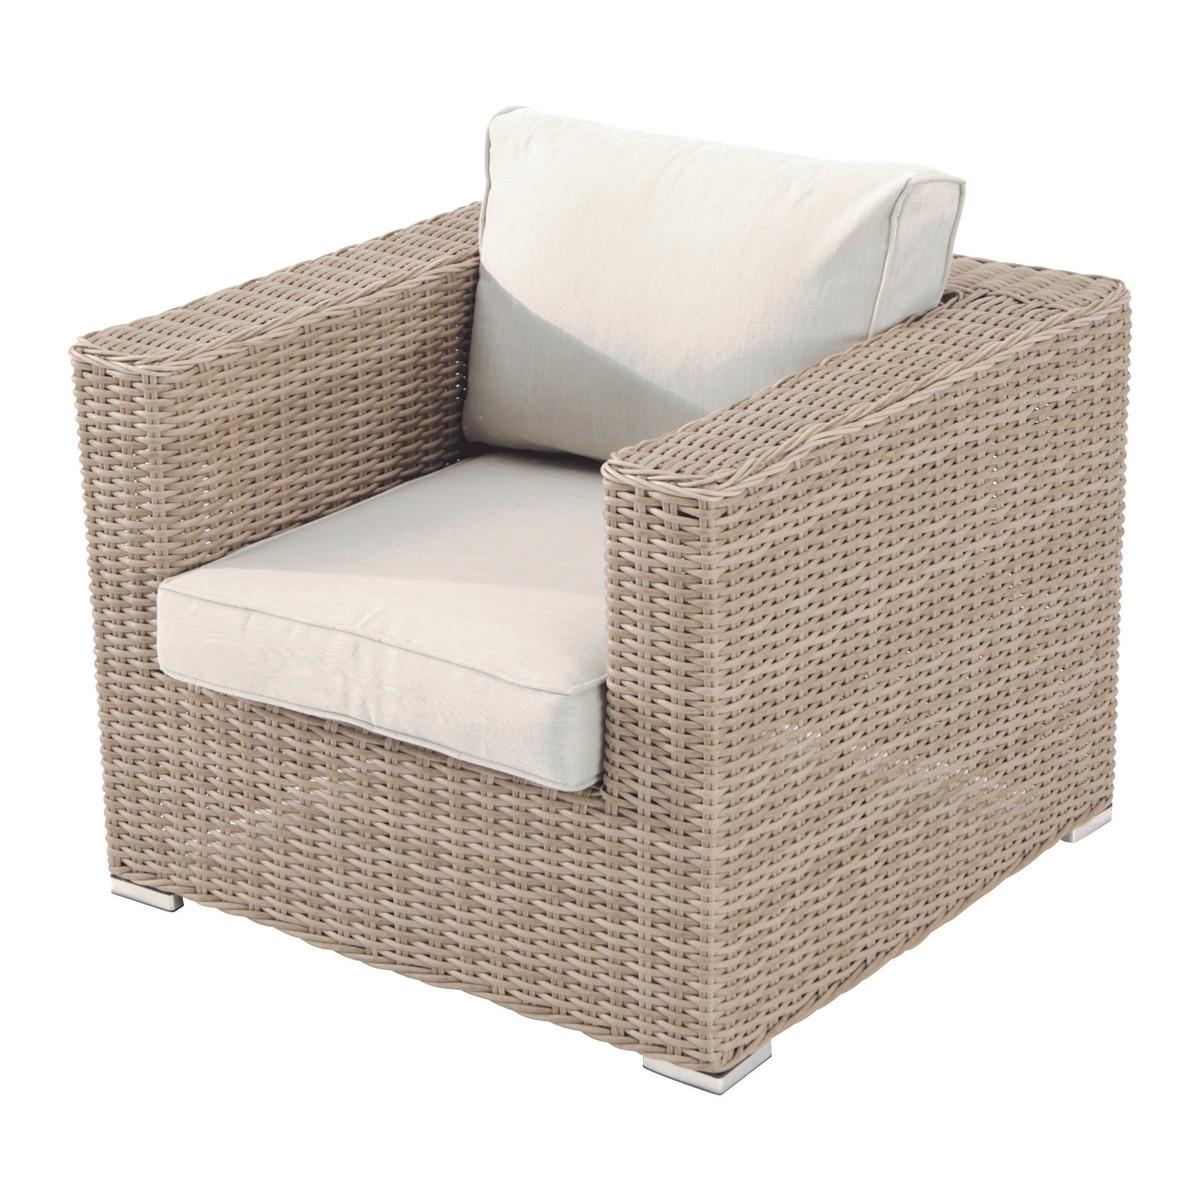 Кресло садовое Alu 820x690x800 мм алюминий/полиротанг цвет бежевый